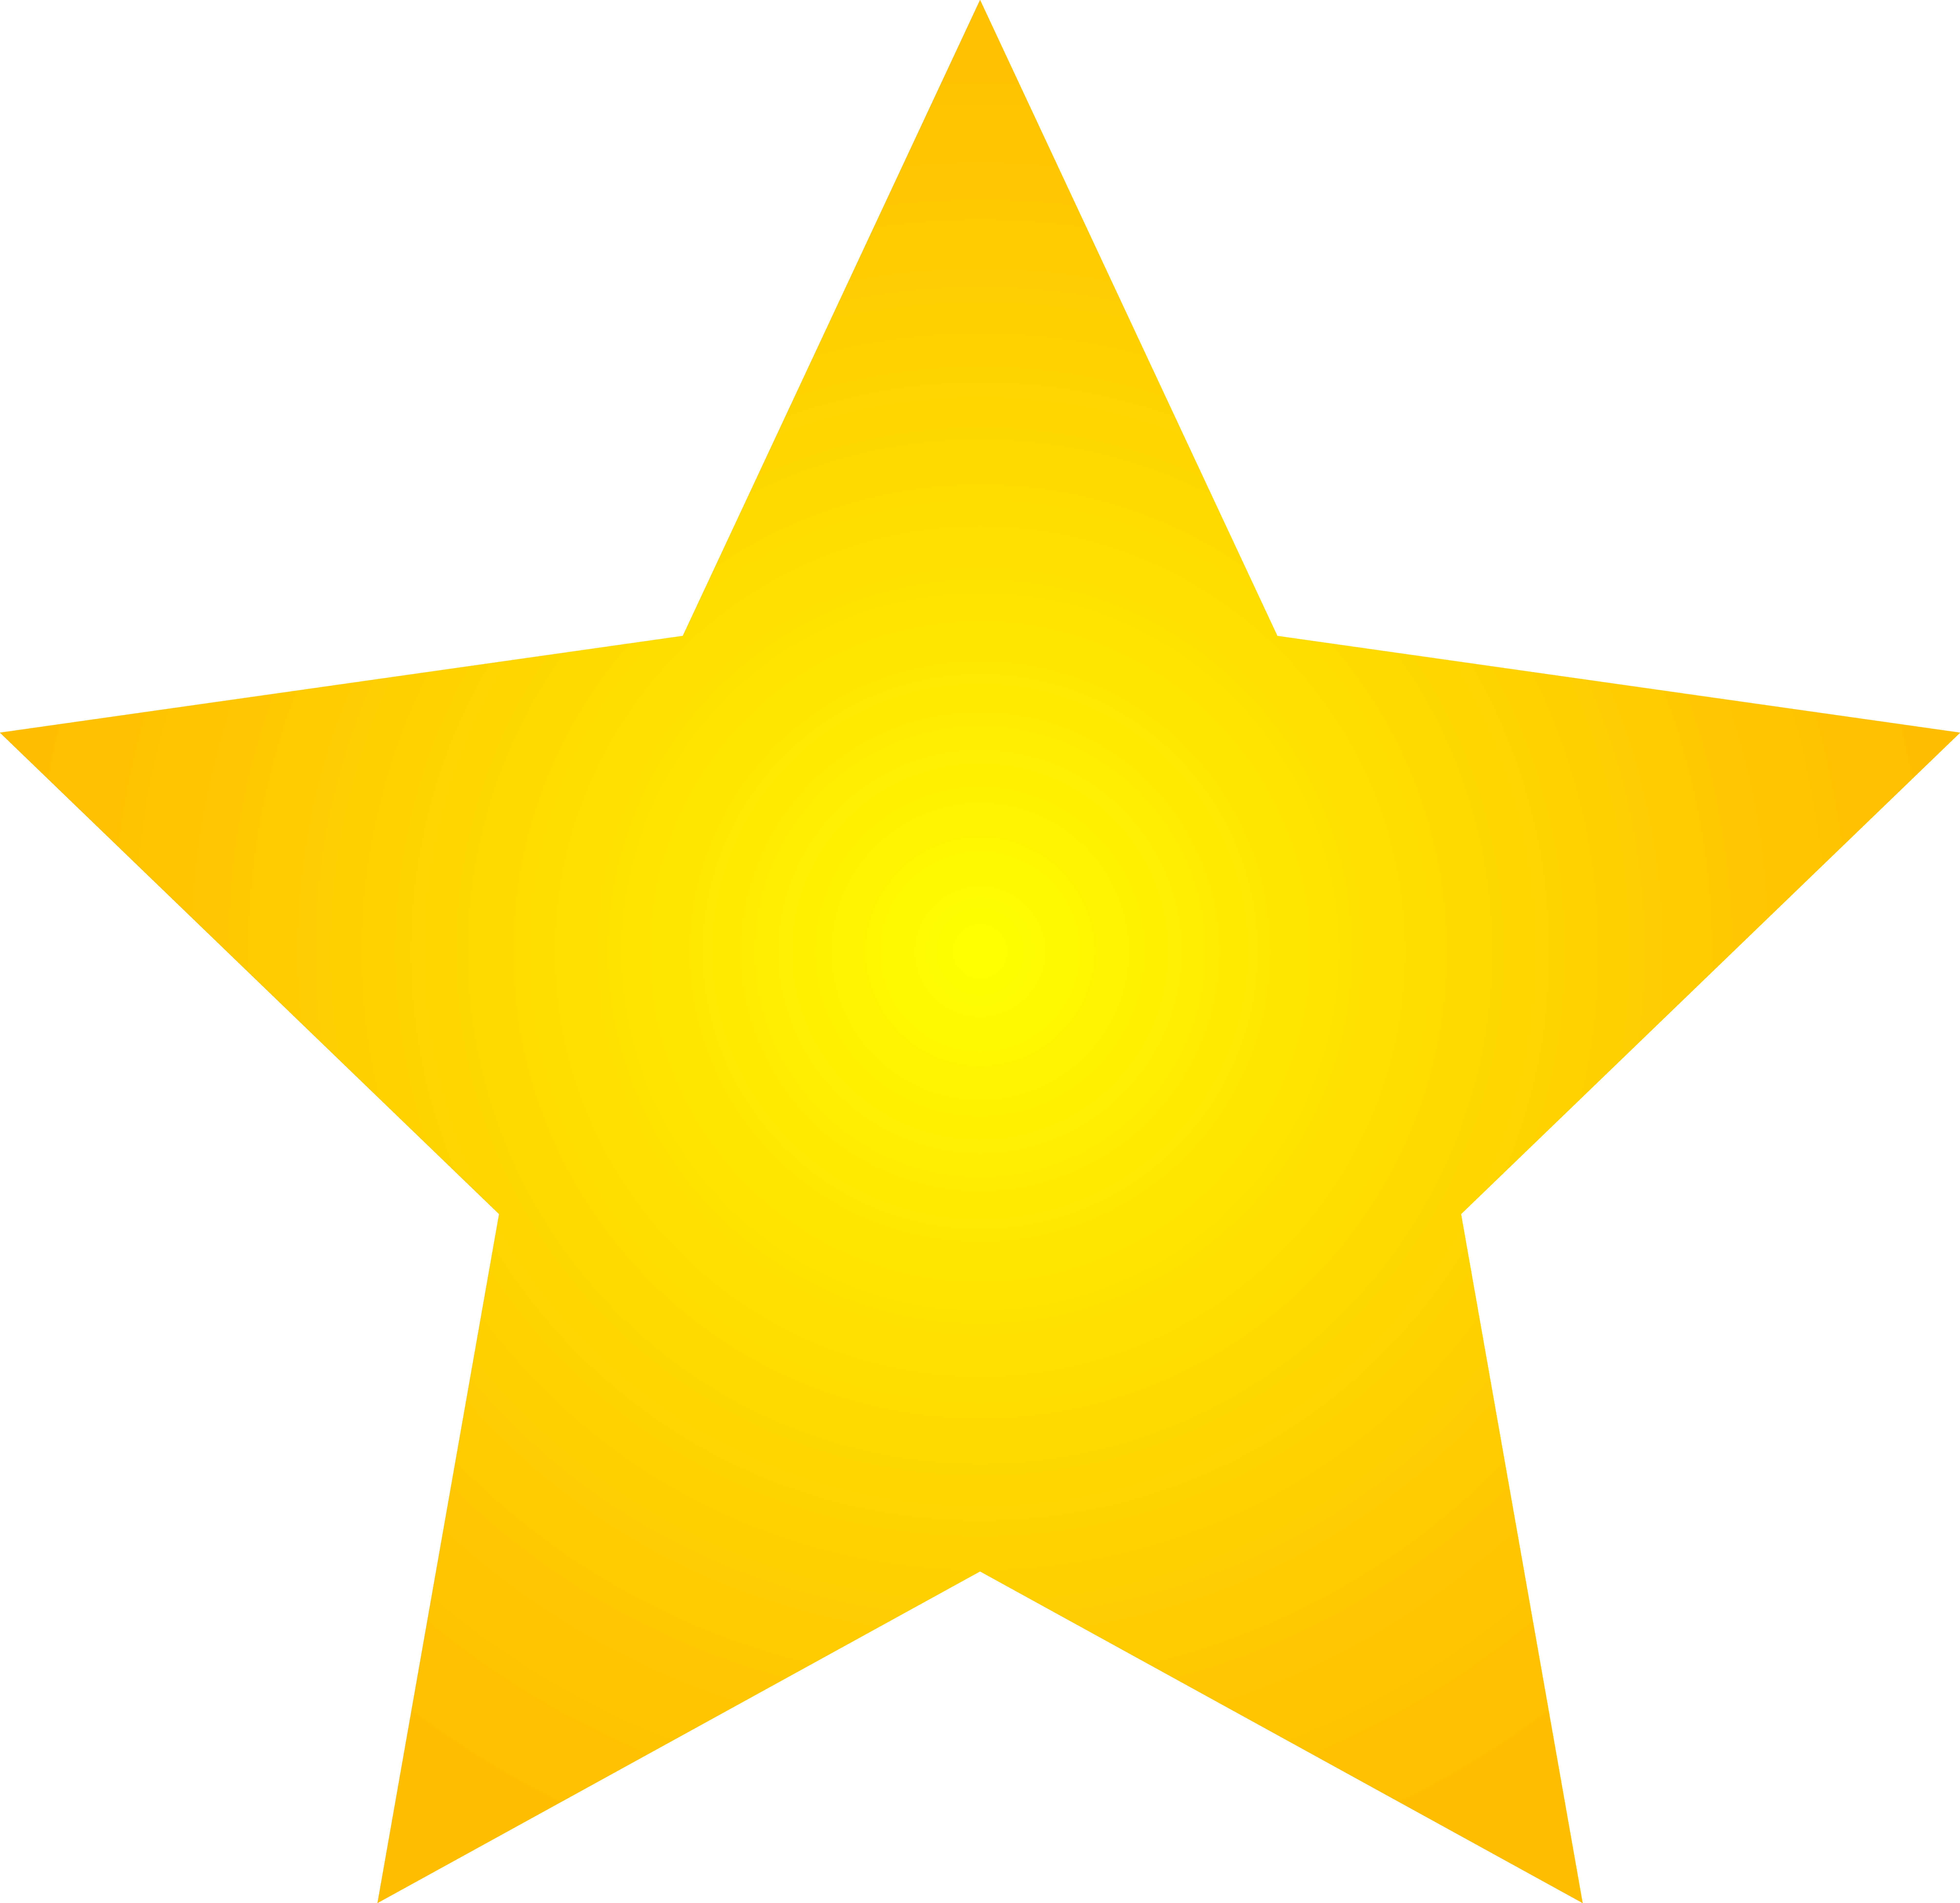 8029x7795 Stars Clipart